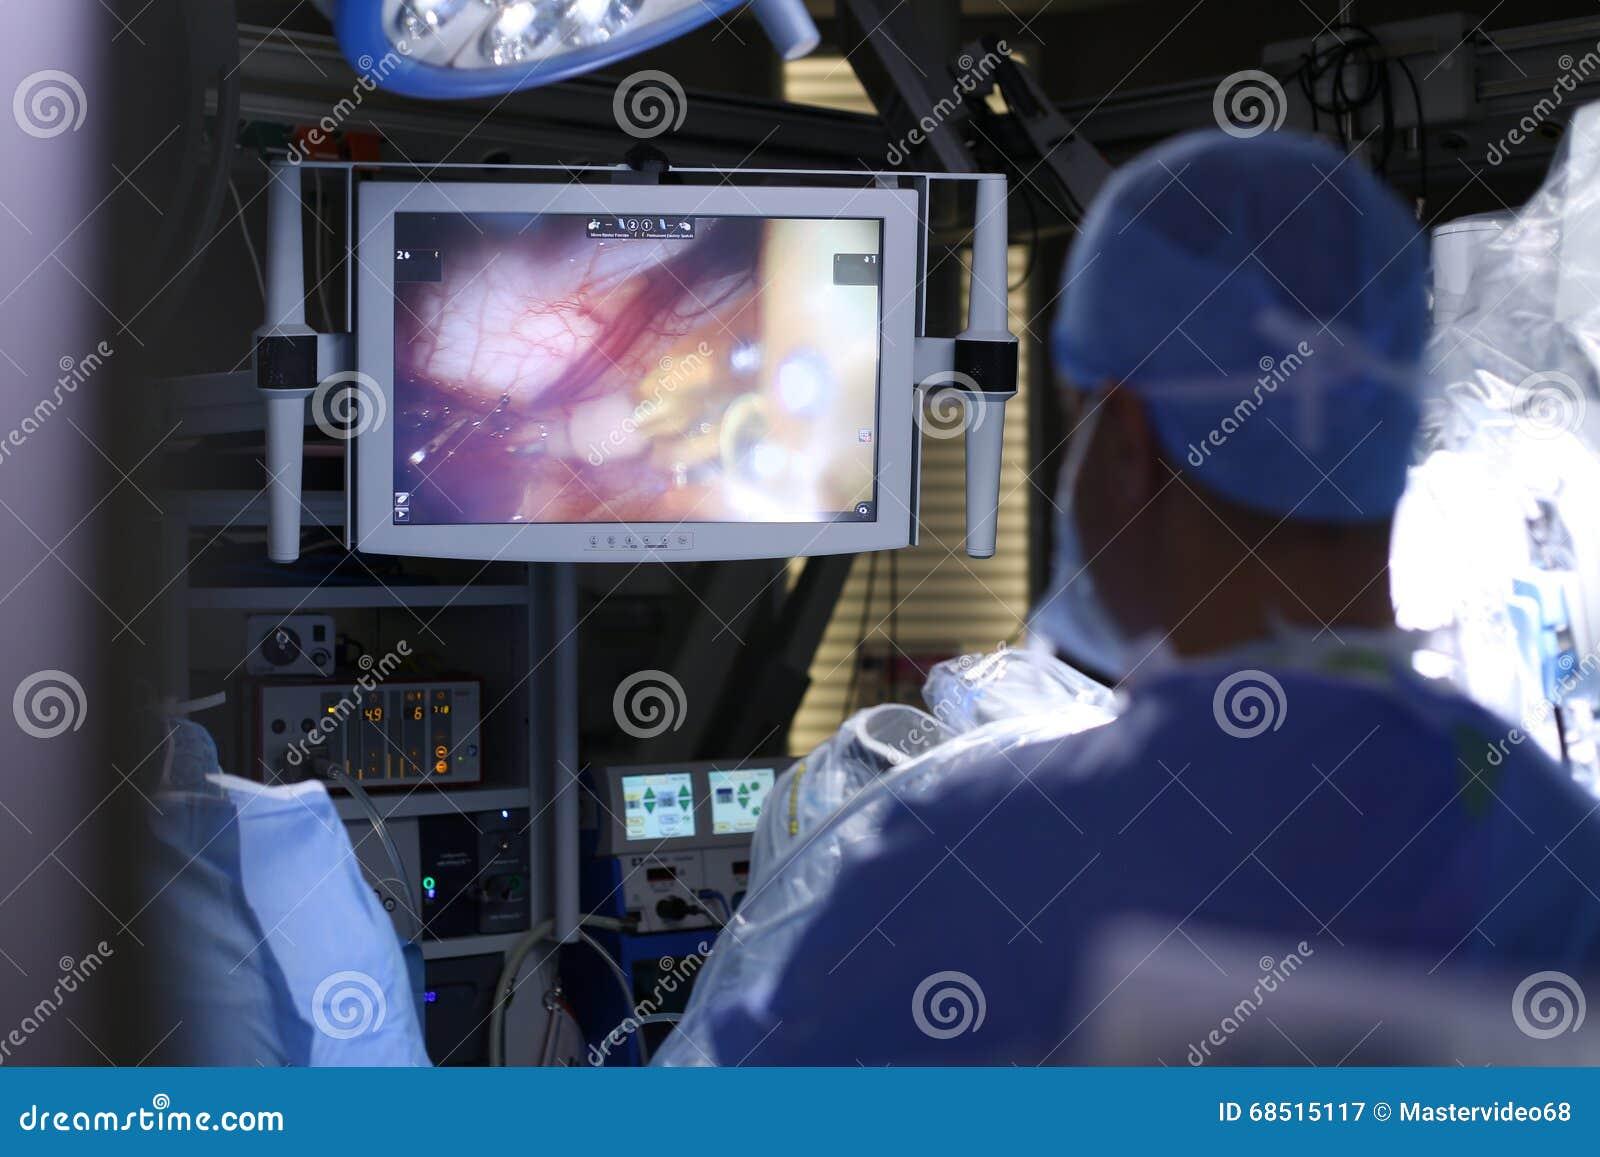 Ambulatorio robot Robot medico Operazione medica che comprende robot